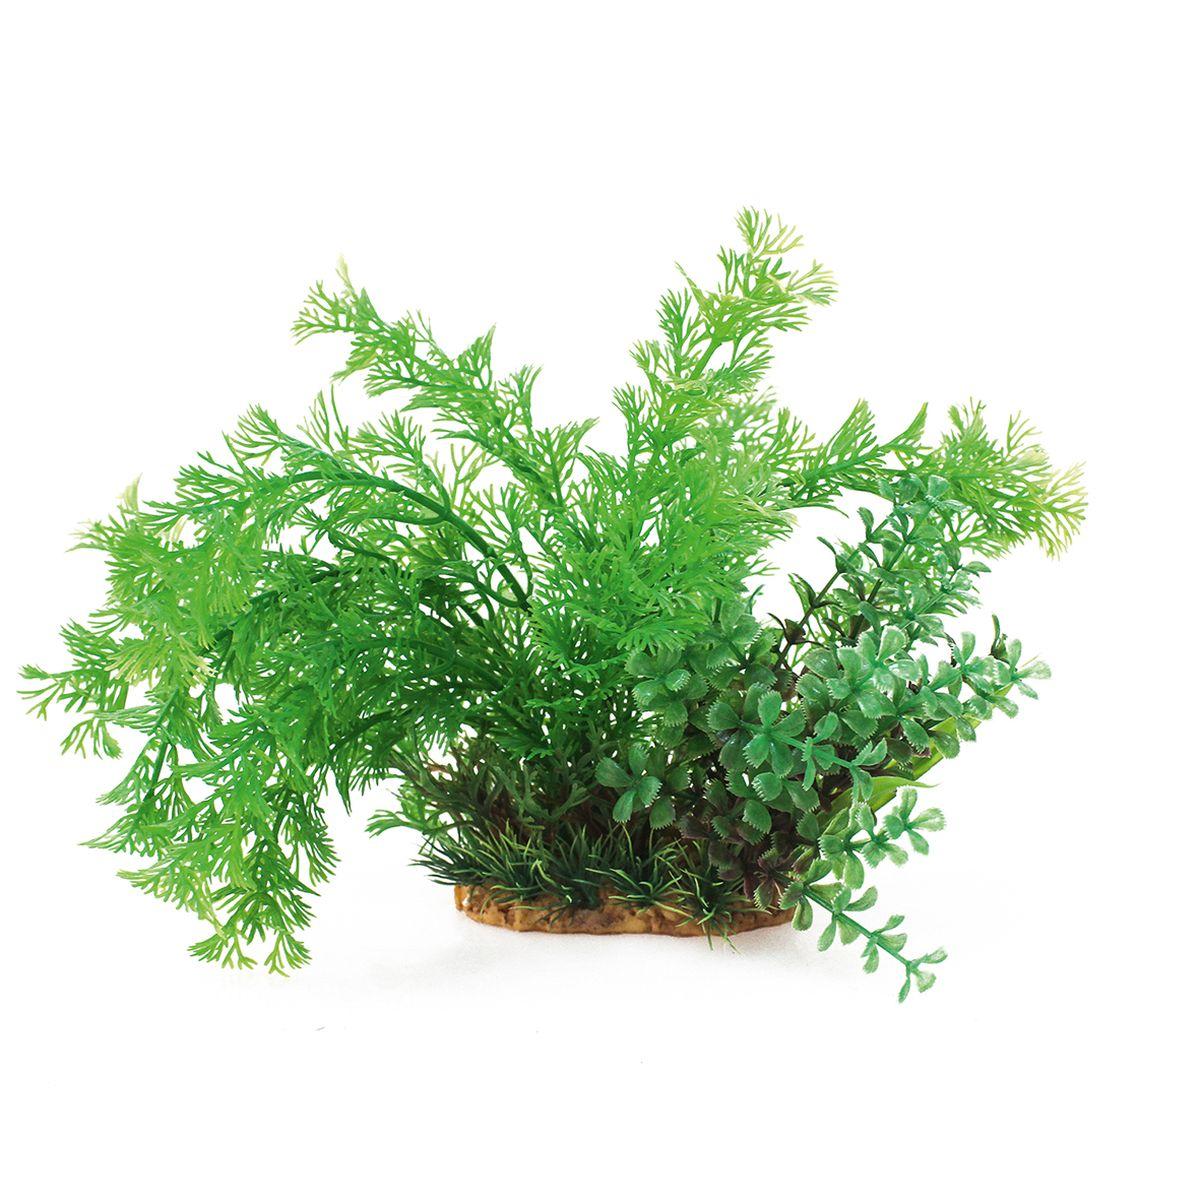 Растение для аквариума ArtUniq Кабомба, высота 20 см. ART-11602070120710Композиция из искусственных растений ArtUniq превосходно украсит и оживит аквариум.Растения - это важная часть любой композиции, они помогут вдохнуть жизнь в ландшафт любого аквариума или террариума. А их сходствос природными порадует даже самых взыскательных ценителей.